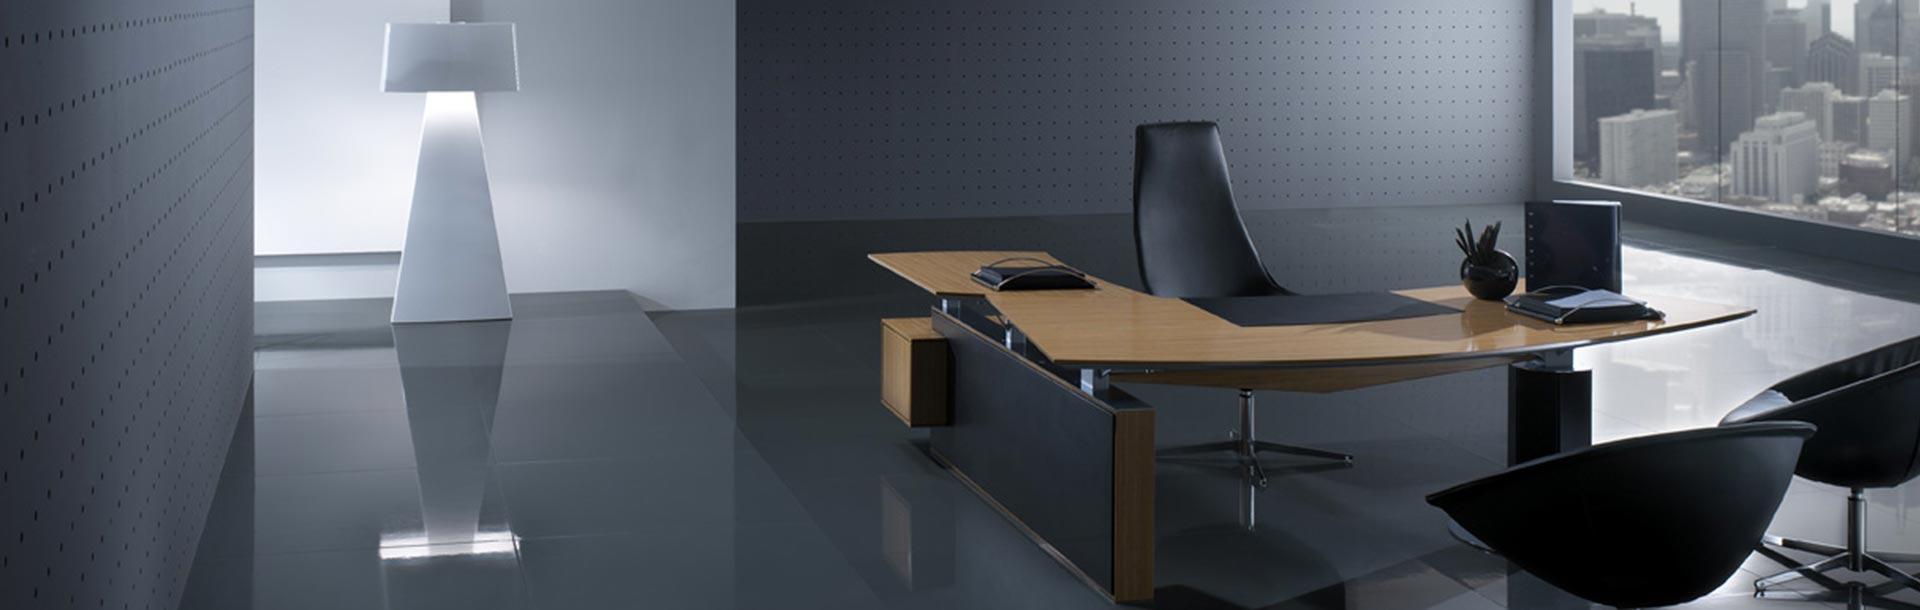 Arredamento e mobili per l 39 ufficio salone del mobile for Mobili per l ufficio